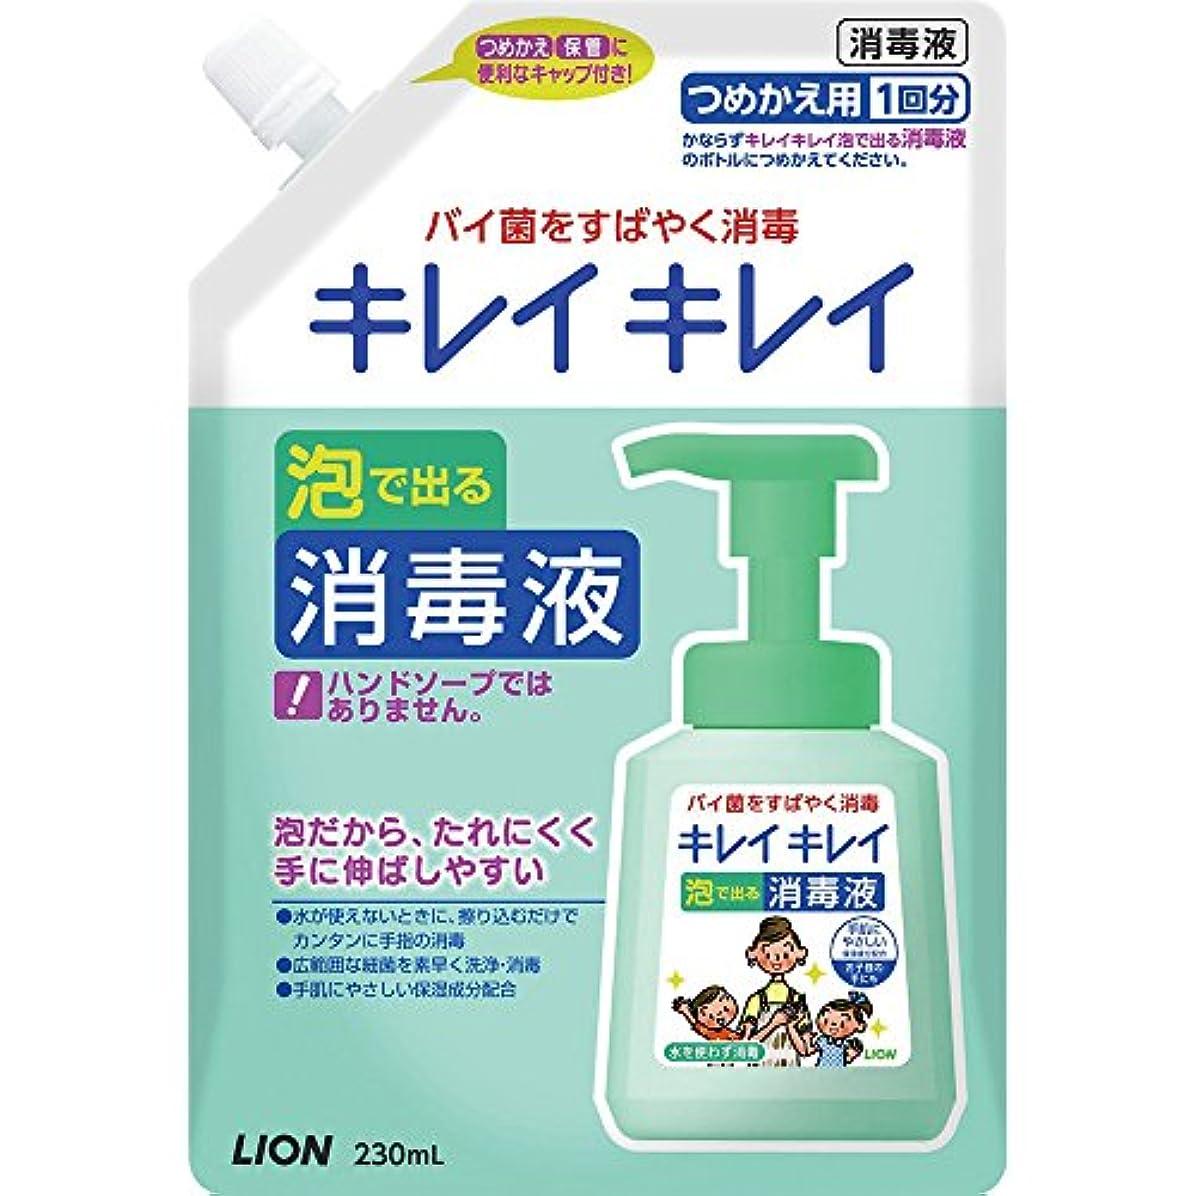 セイはさておきボウリング車キレイキレイ 薬 泡ででる消毒液 詰替 230ml (指定医薬部外品)